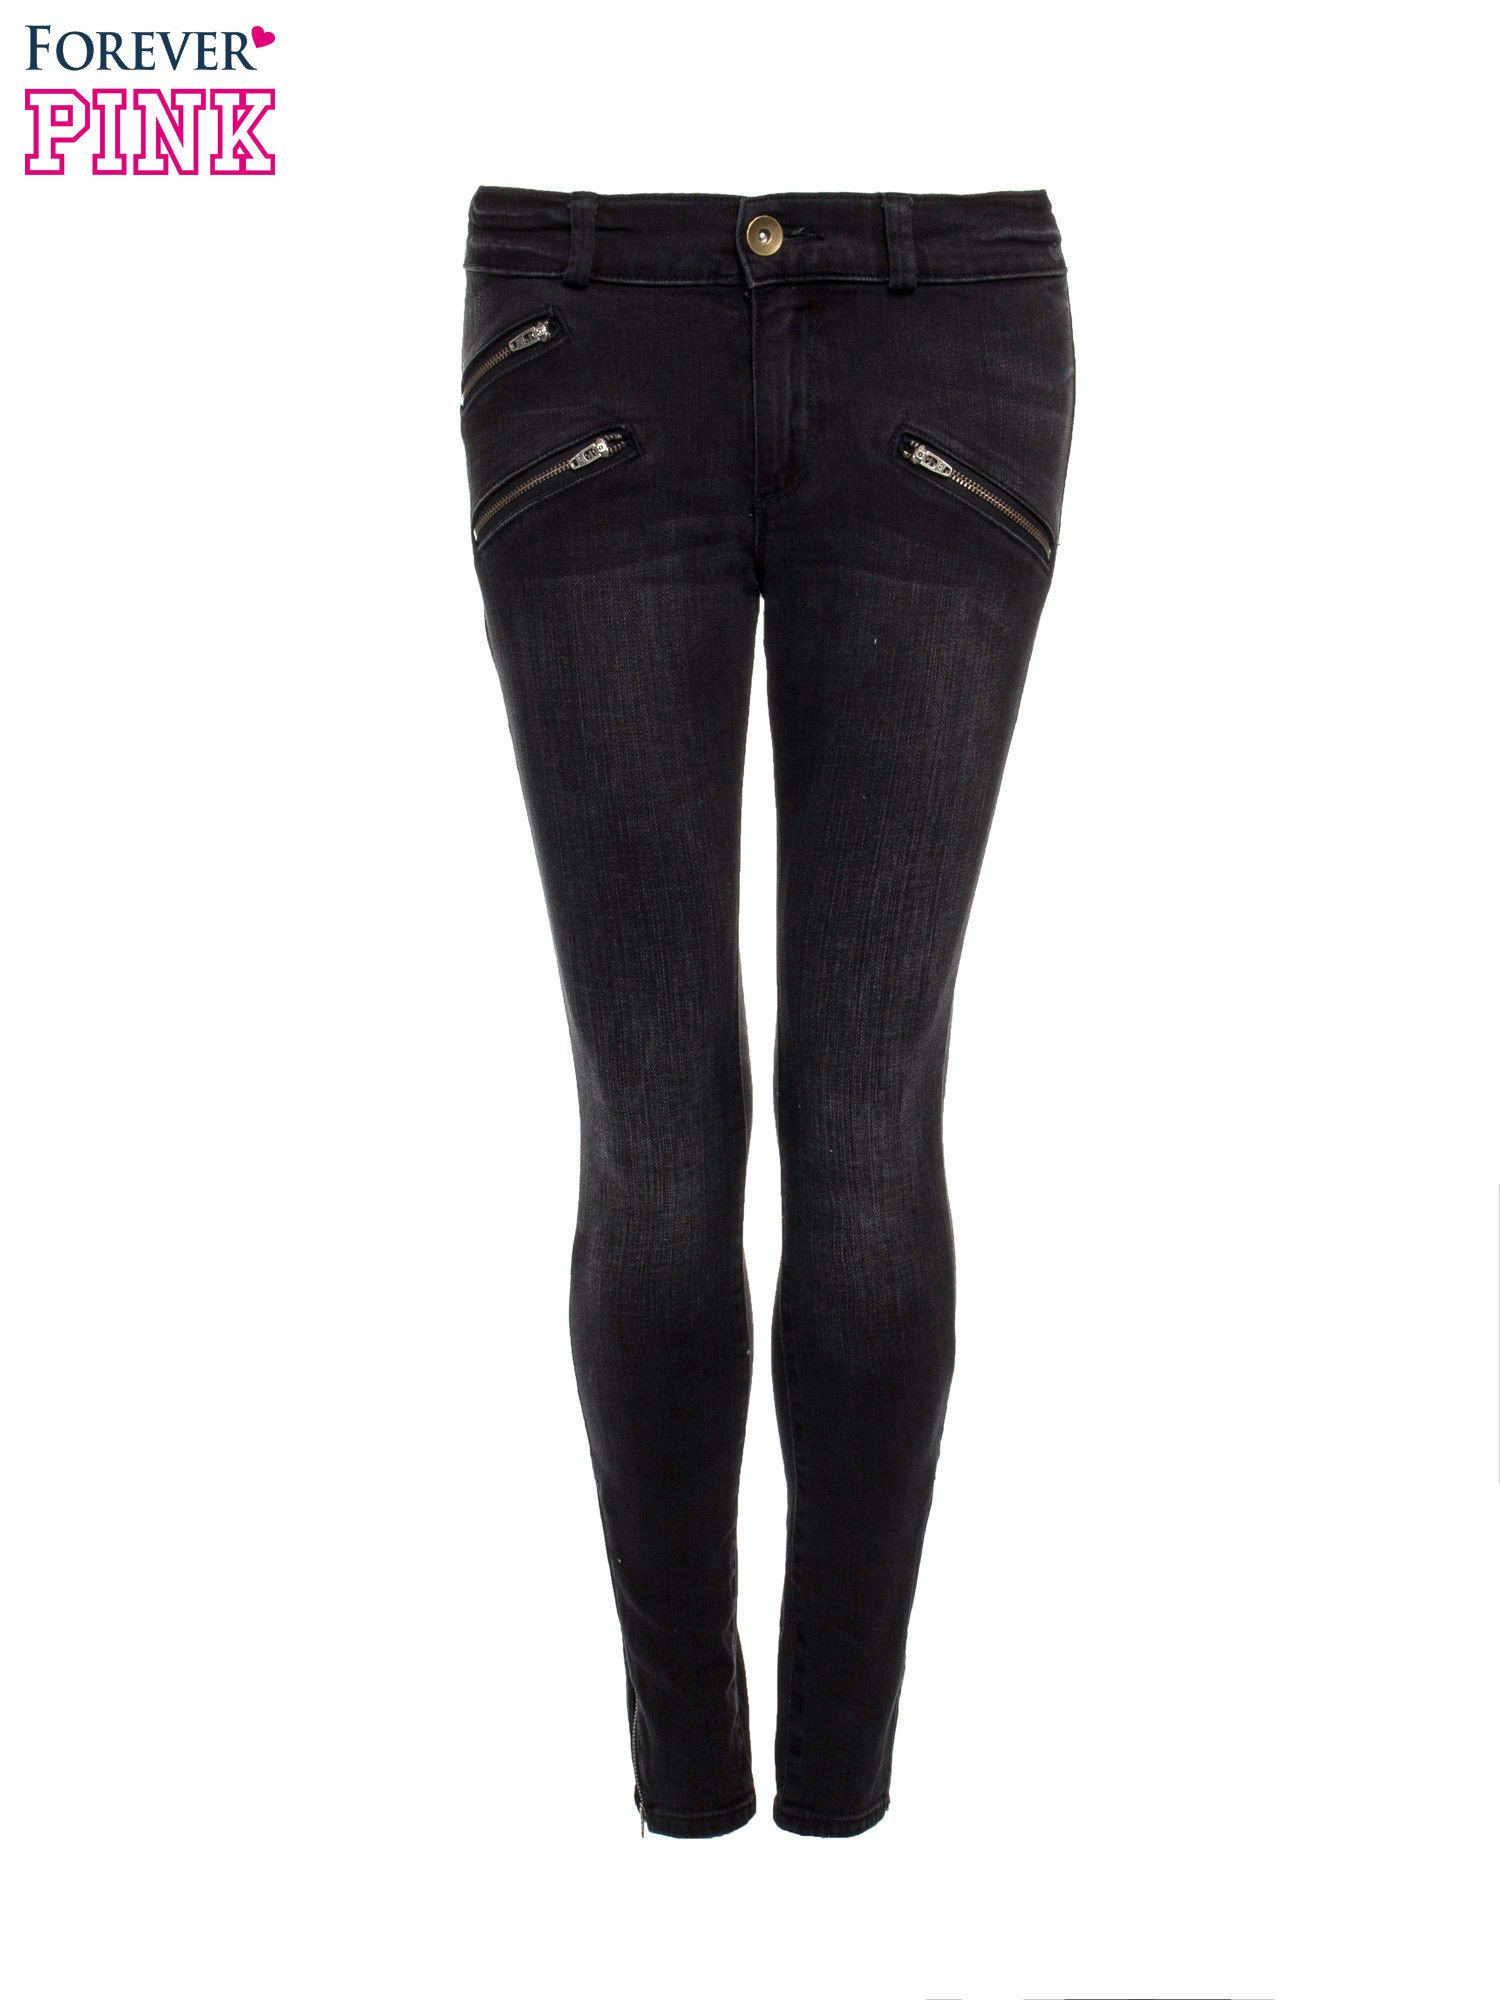 Ciemnoszare spodnie jeansowe typu skinny z suwakami na górze i przy nogawkach                                  zdj.                                  4